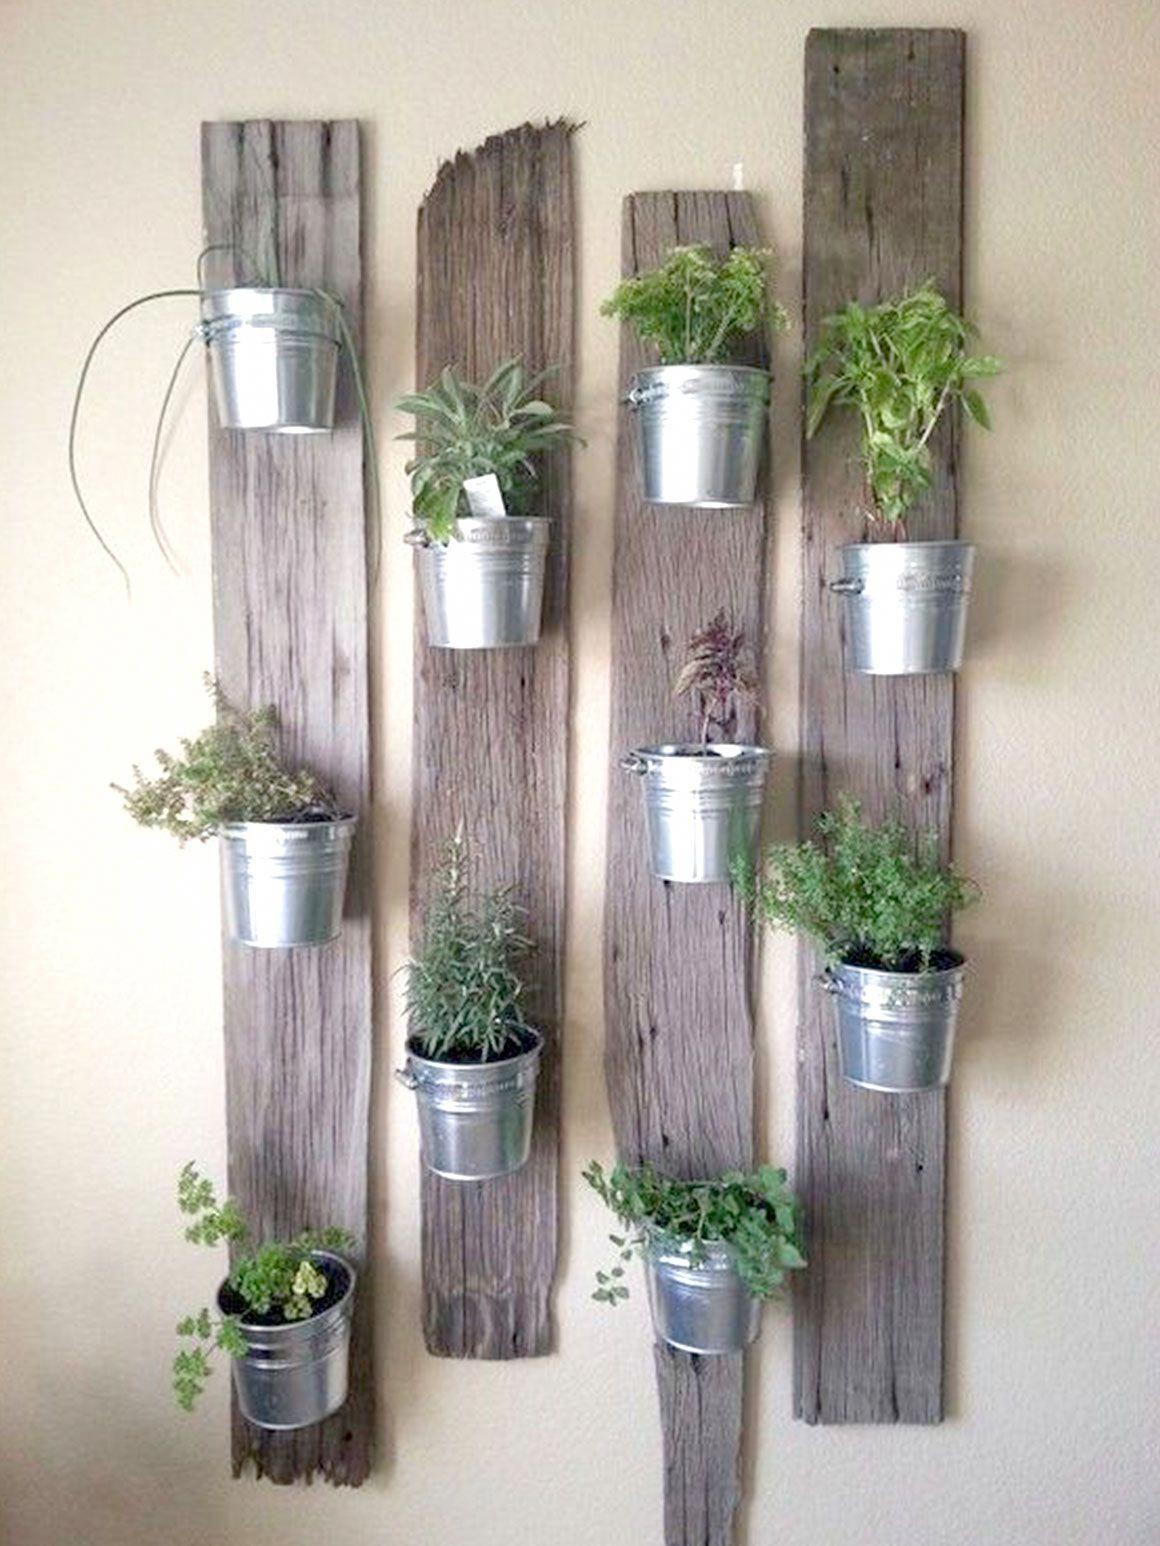 6x Een Kruidentuintje In Je Keuken My Simply Special Decoratie Kamerplant Decor Kruidentuin Binnen Verticale Tuinen